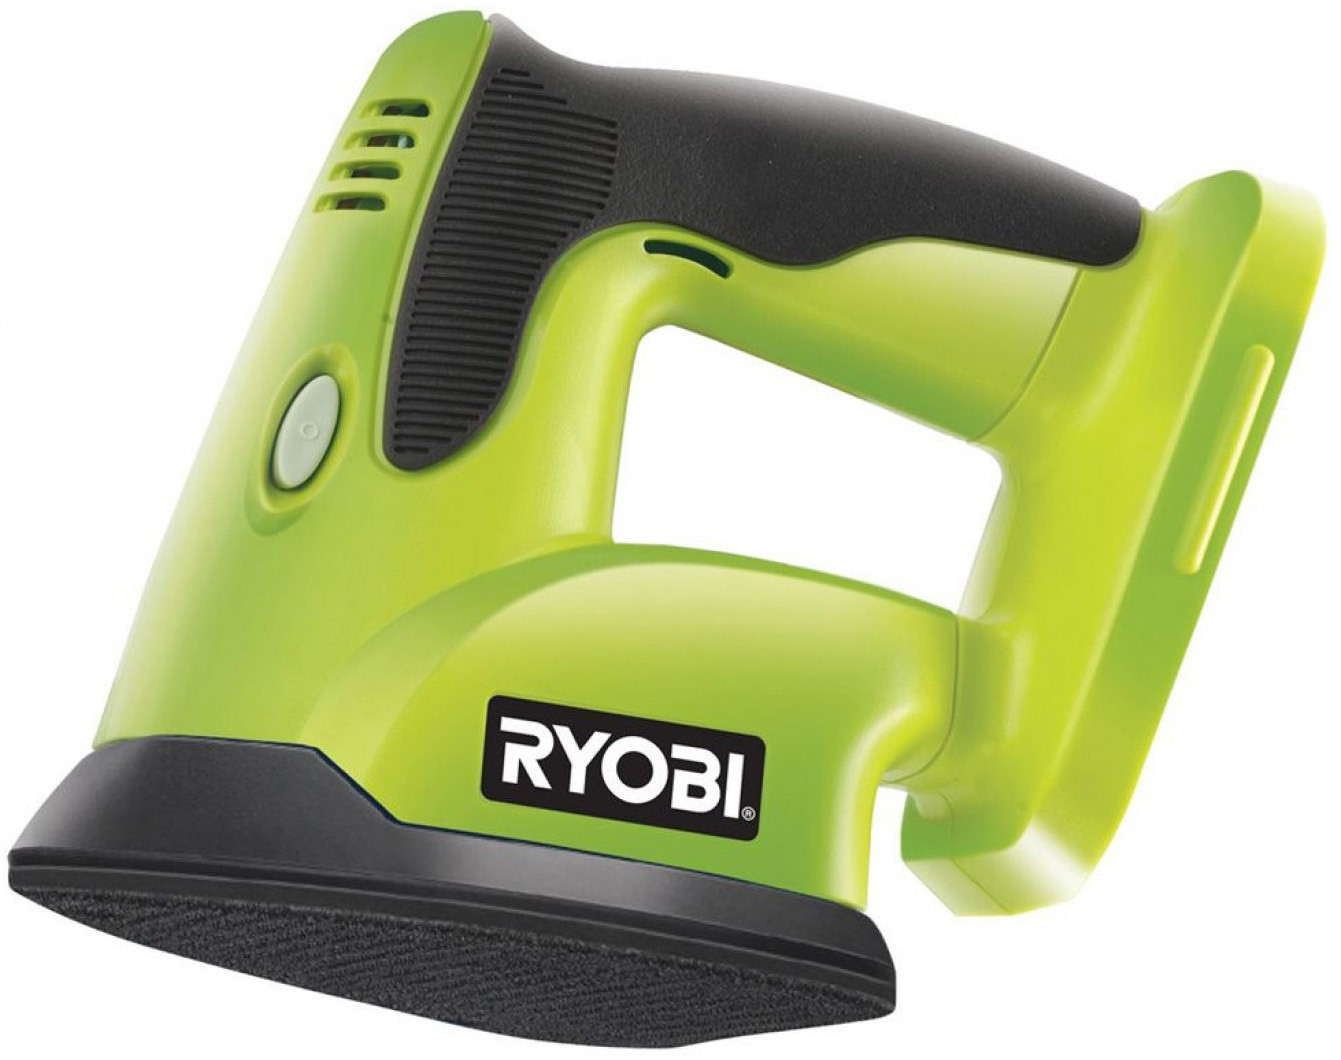 Машинка шлифовальная дельта Ryobi Ccc1801mhg без акк. и з/у - это правильный выбор. Вы знаете, что выбрать продукцию фирмы Ryobi - это быстро и цена не высокая.